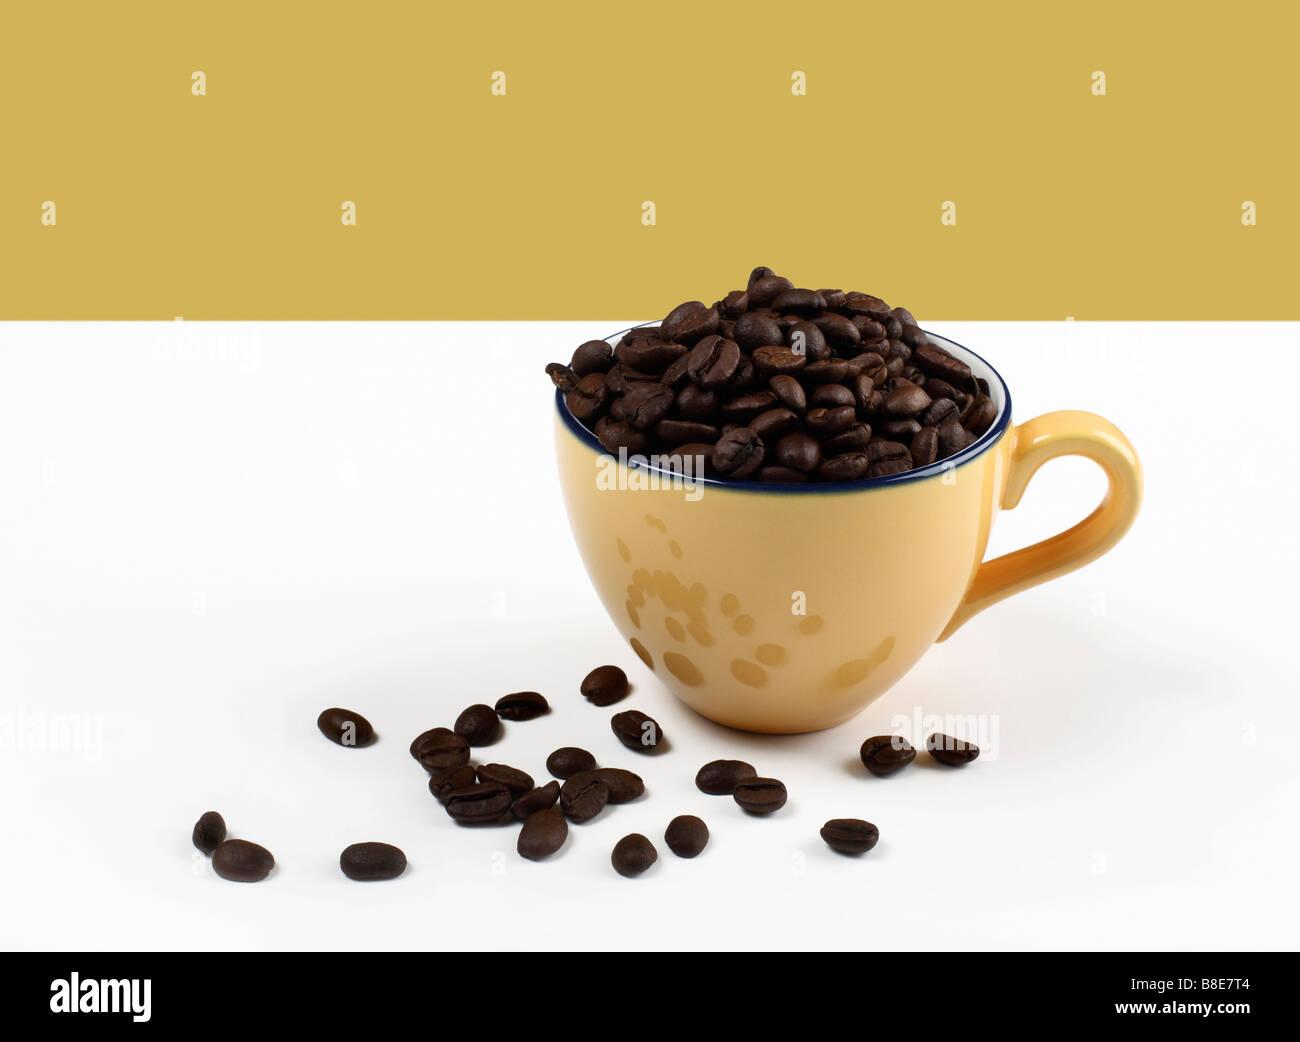 Tasse de café remplie de grains de café Photo Stock